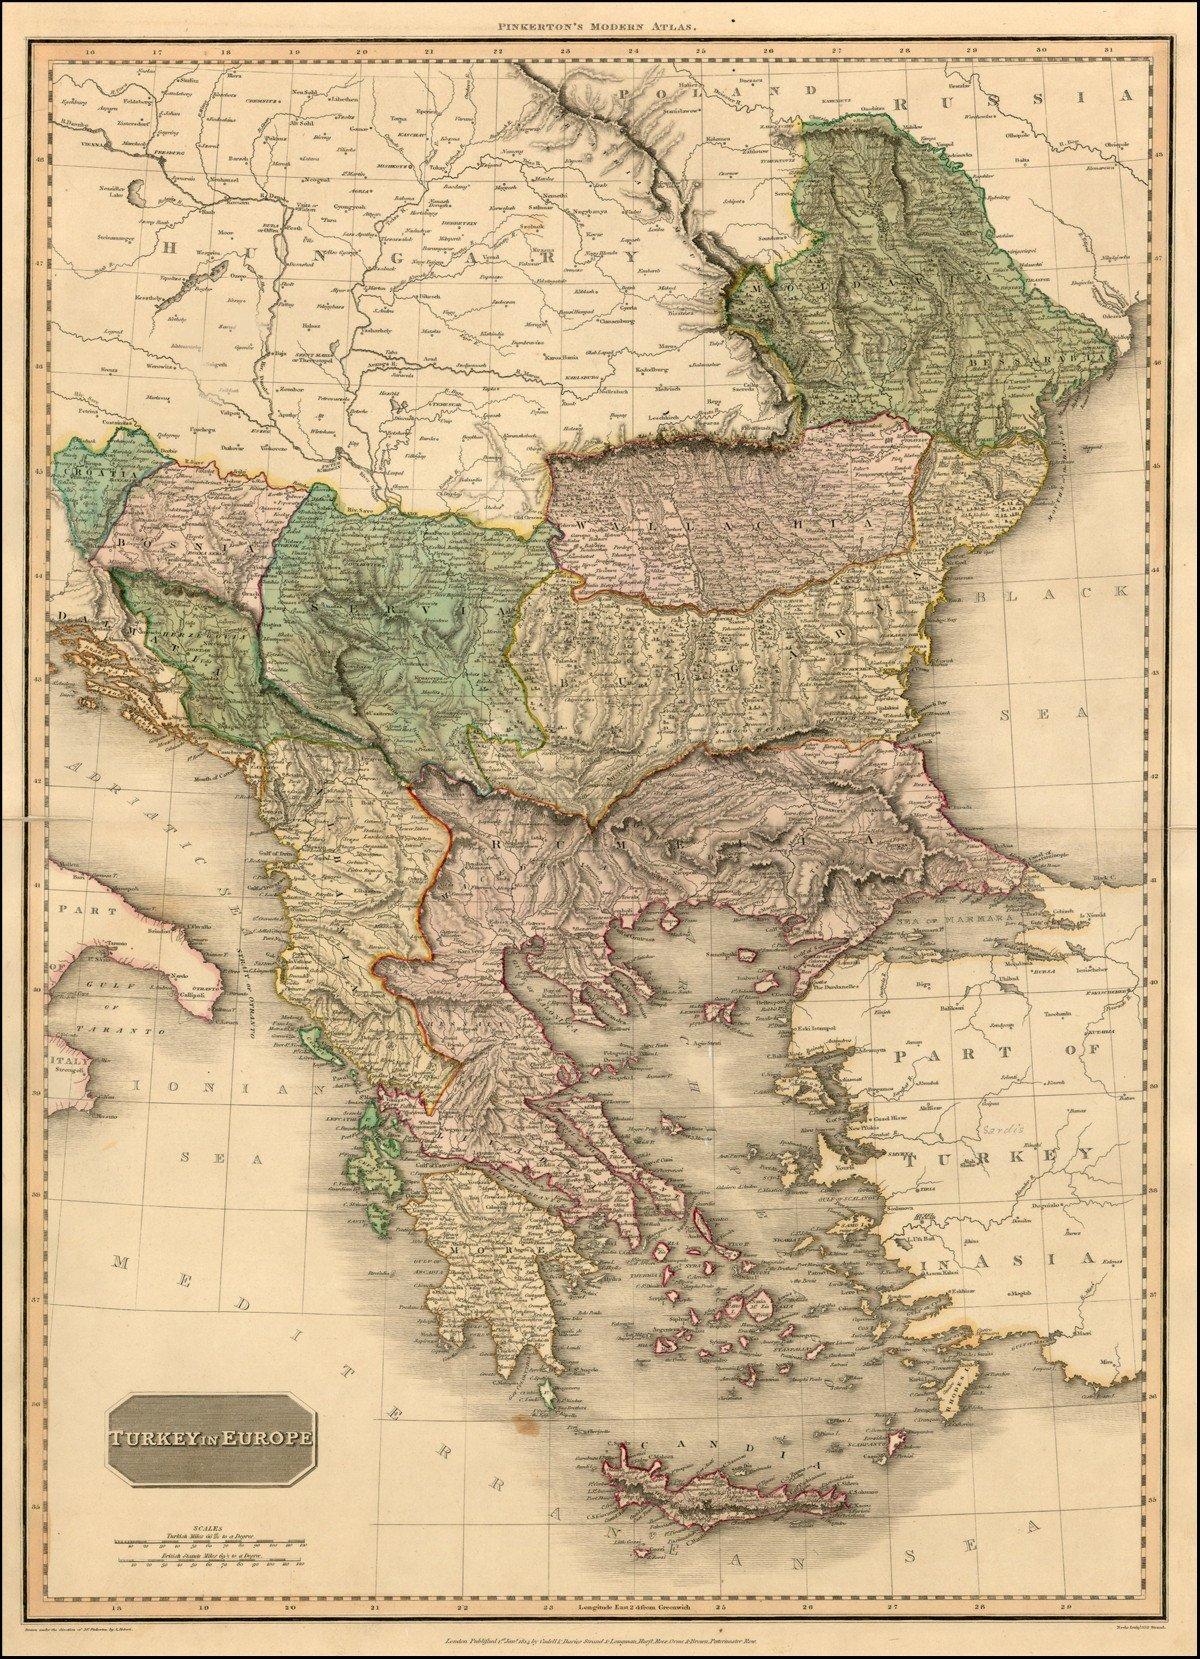 Карта 1812 года maps, балканы, картографическая подборка, картография, карты, карты Балкан